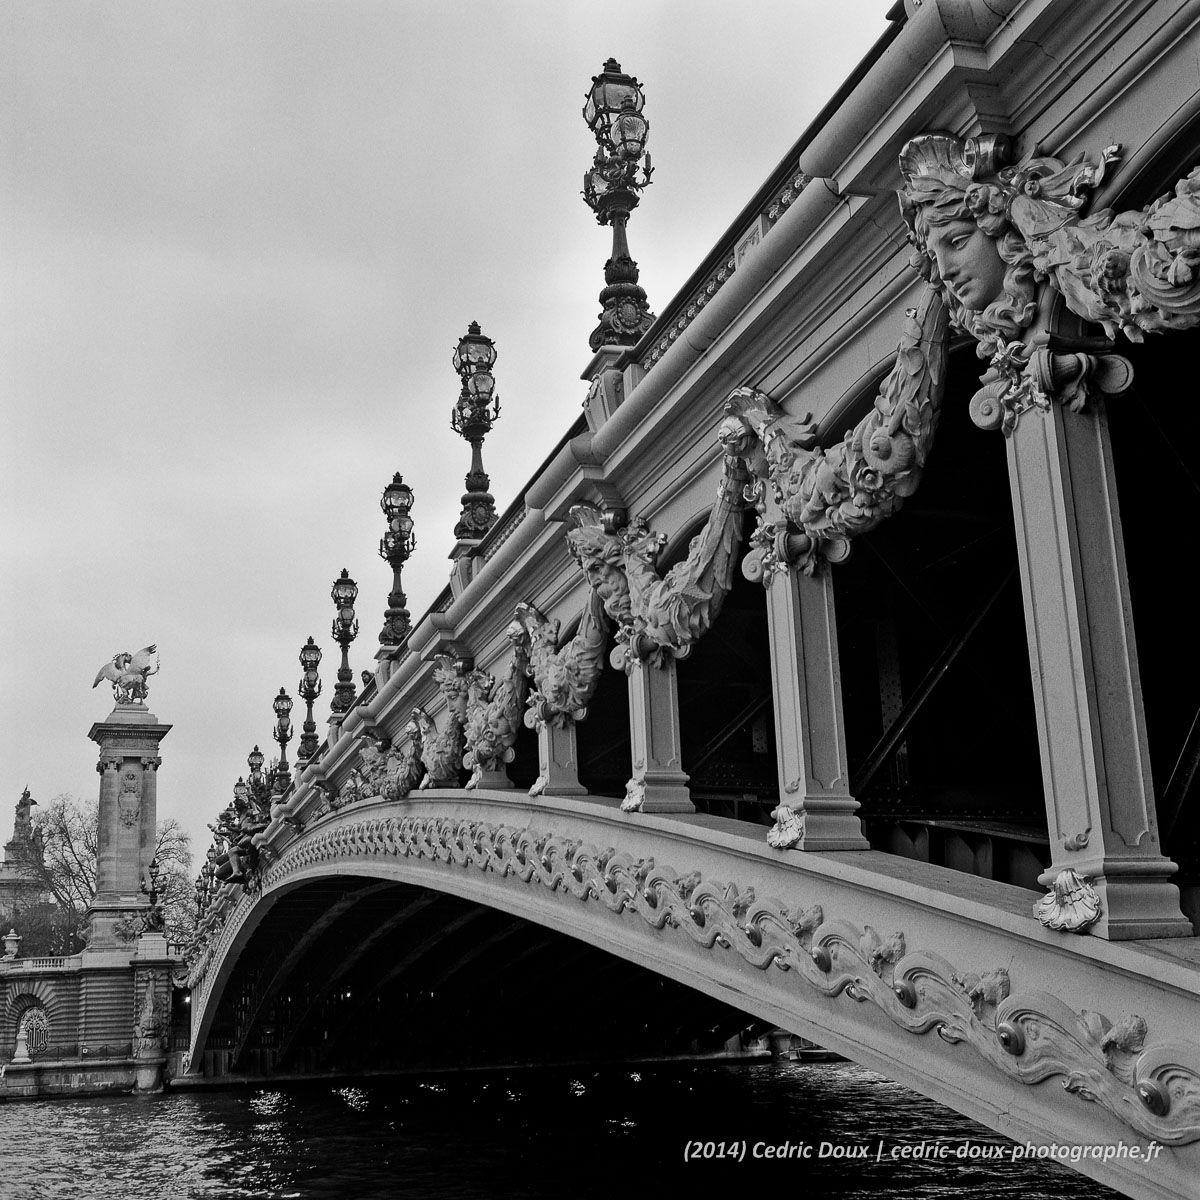 photographie d 39 art en noir et blanc du pont alexandre iii paris format carr photo. Black Bedroom Furniture Sets. Home Design Ideas